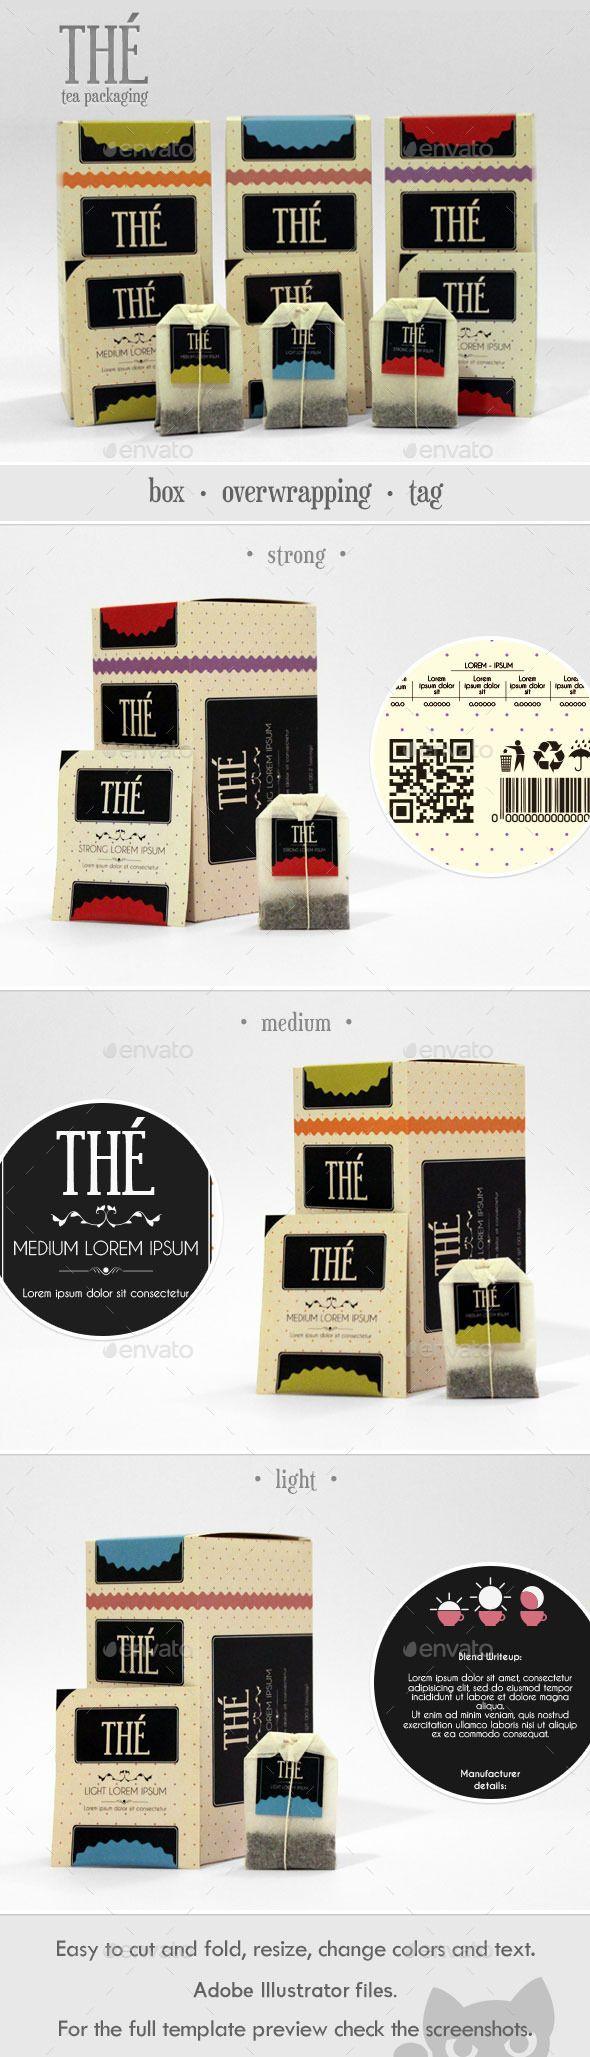 Retro Tea Packaging